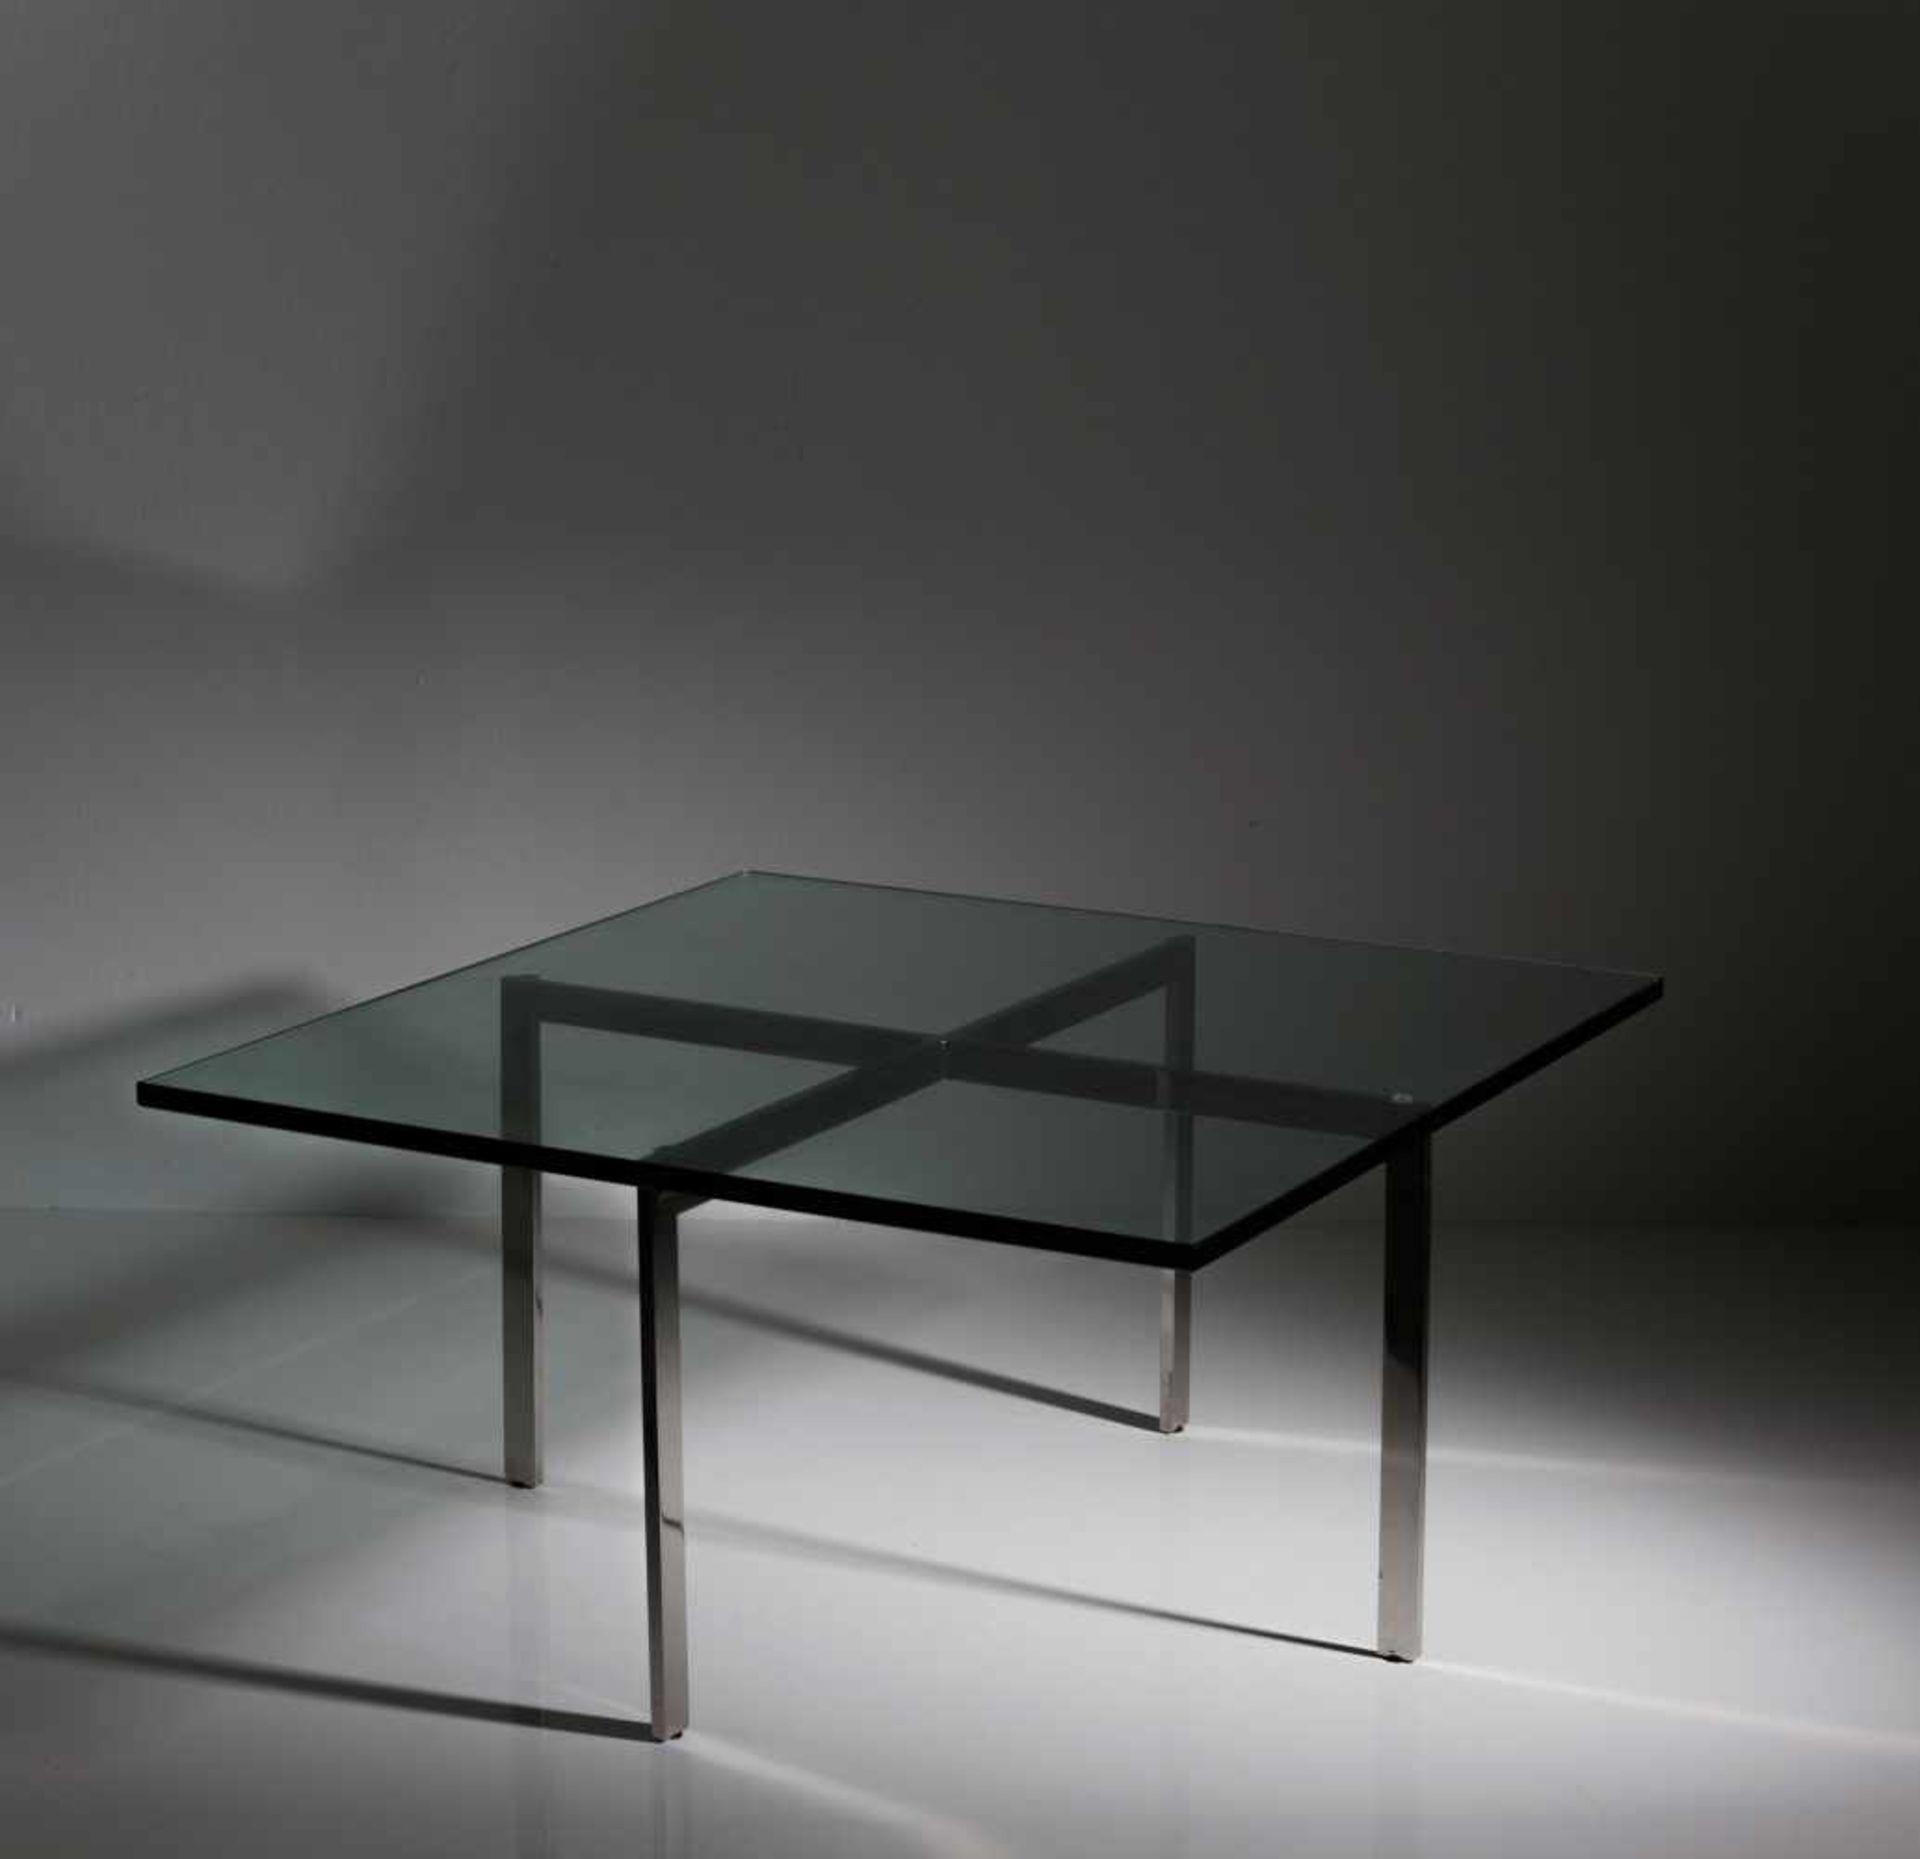 Ludwig Mies van der Rohe Zwei Tische 'Tugendhat', 1929/30 H. 43 x 86 x 86 cm. Knoll International, - Bild 4 aus 7